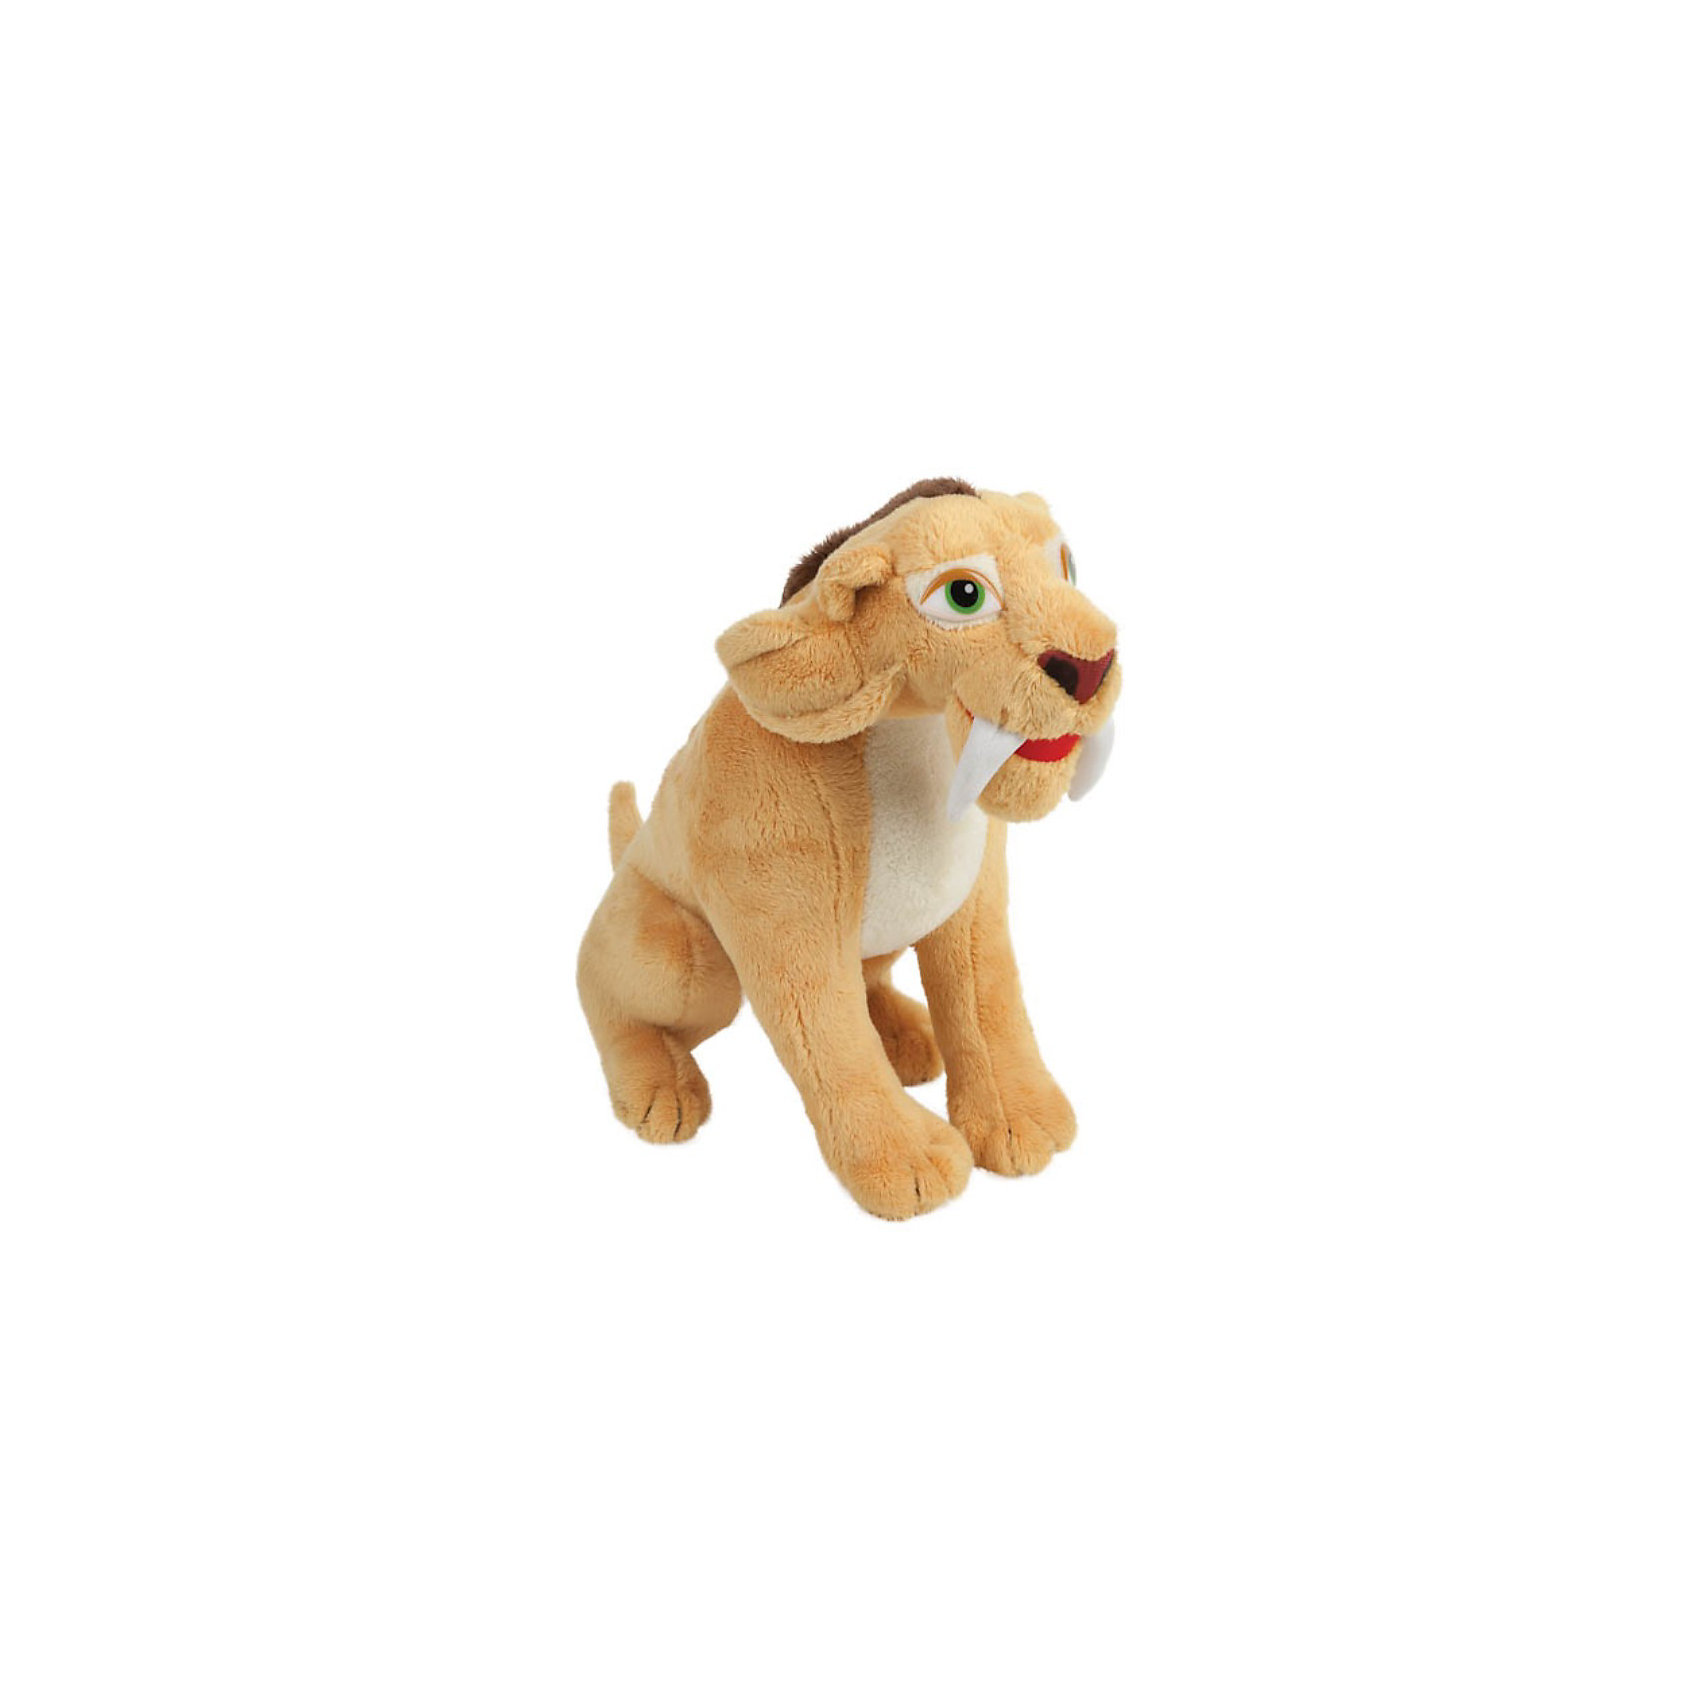 Мягкая игрушка Тигр Диего (Ледниковый период), 22 см, со звуком, МУЛЬТИ-ПУЛЬТИМягкая игрушка Тигр Диего (Ледниковый период), 22 см, со звуком, МУЛЬТИ-ПУЛЬТИ - быстрый и выносливый саблезубый тигр - герой популярного мультфильма Ледниковый период, полюбившегося как детям, так и взрослым.<br><br>Игрушка выполнена в точном соответствии с мультяшным прототипом, произносит фразы и исполняет мелодию из мультфильма (при нажатии на кнопку на теле героя). <br><br>Дополнительная информация:<br><br><br>- Материалы: текстиль, синтепон.<br>- Высота игрушки: 22 см.<br>- Со звуком.<br><br>Мягкую игрушку Тигр Диего (Ледниковый период), 22 см, со звуком, МУЛЬТИ-ПУЛЬТИ можно купить в нашем интернет-магазине.<br><br>Ширина мм: 240<br>Глубина мм: 370<br>Высота мм: 120<br>Вес г: 250<br>Возраст от месяцев: 12<br>Возраст до месяцев: 120<br>Пол: Унисекс<br>Возраст: Детский<br>SKU: 3850333